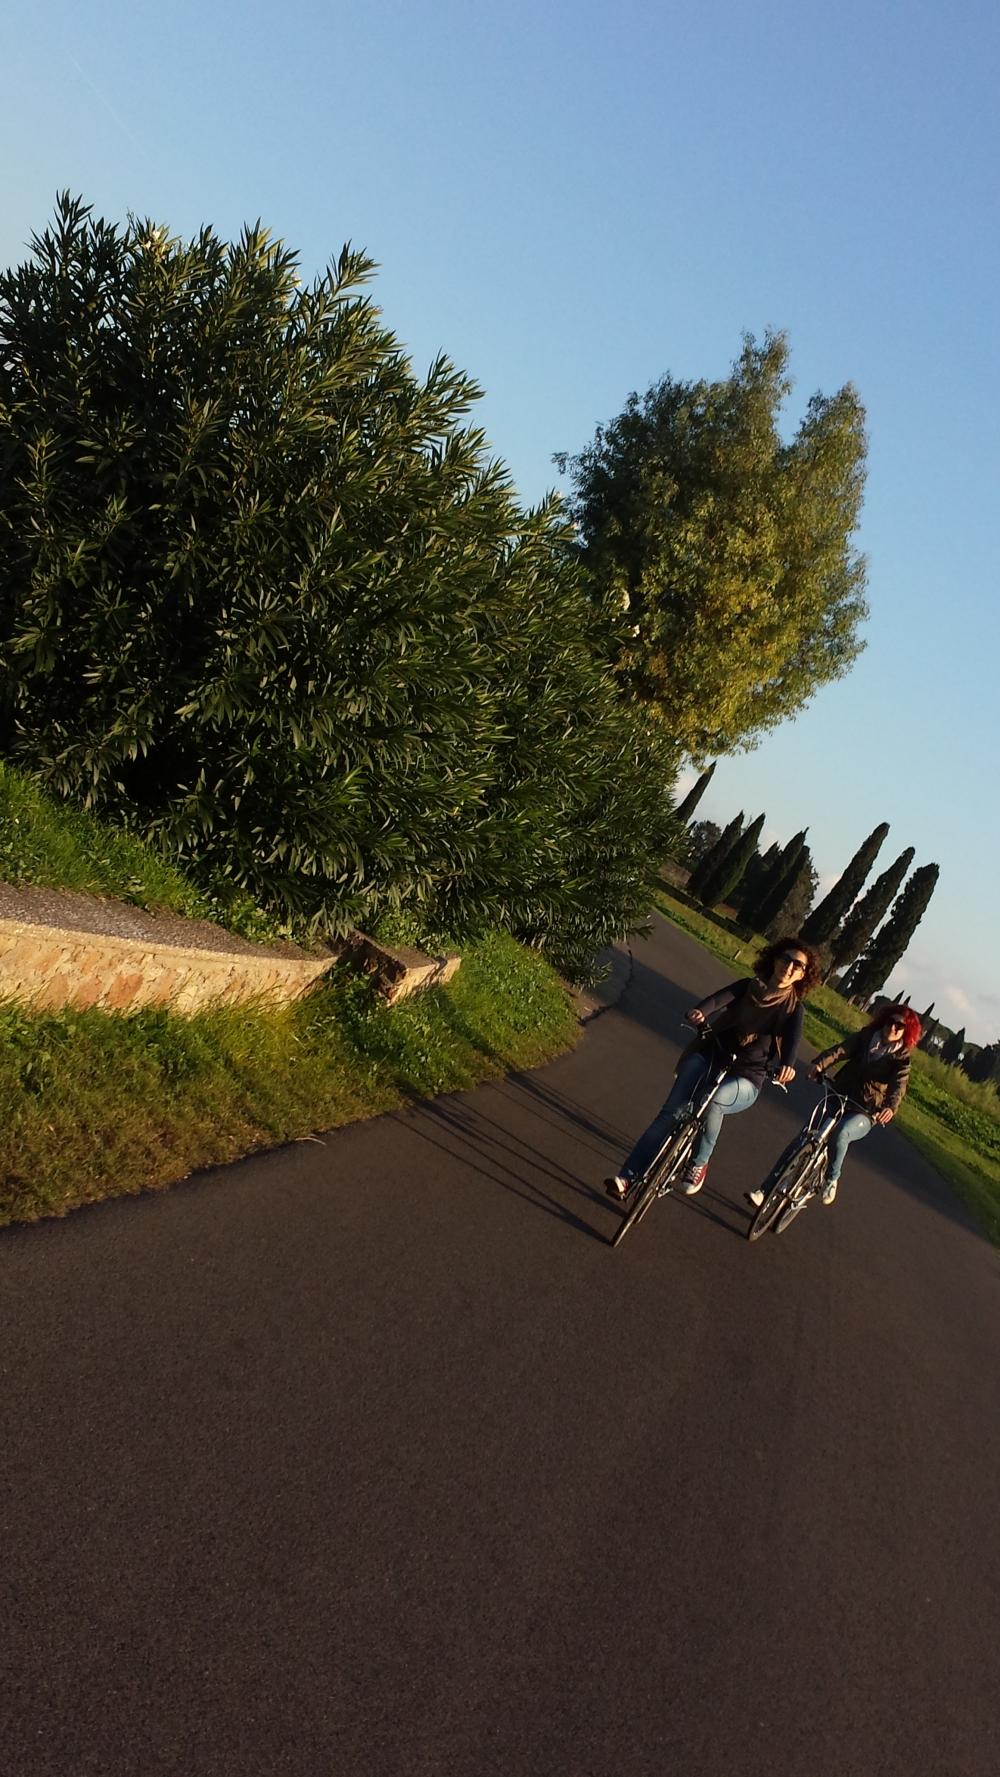 Biciclette-Parco dell'Appia Antica-Roma-Italia